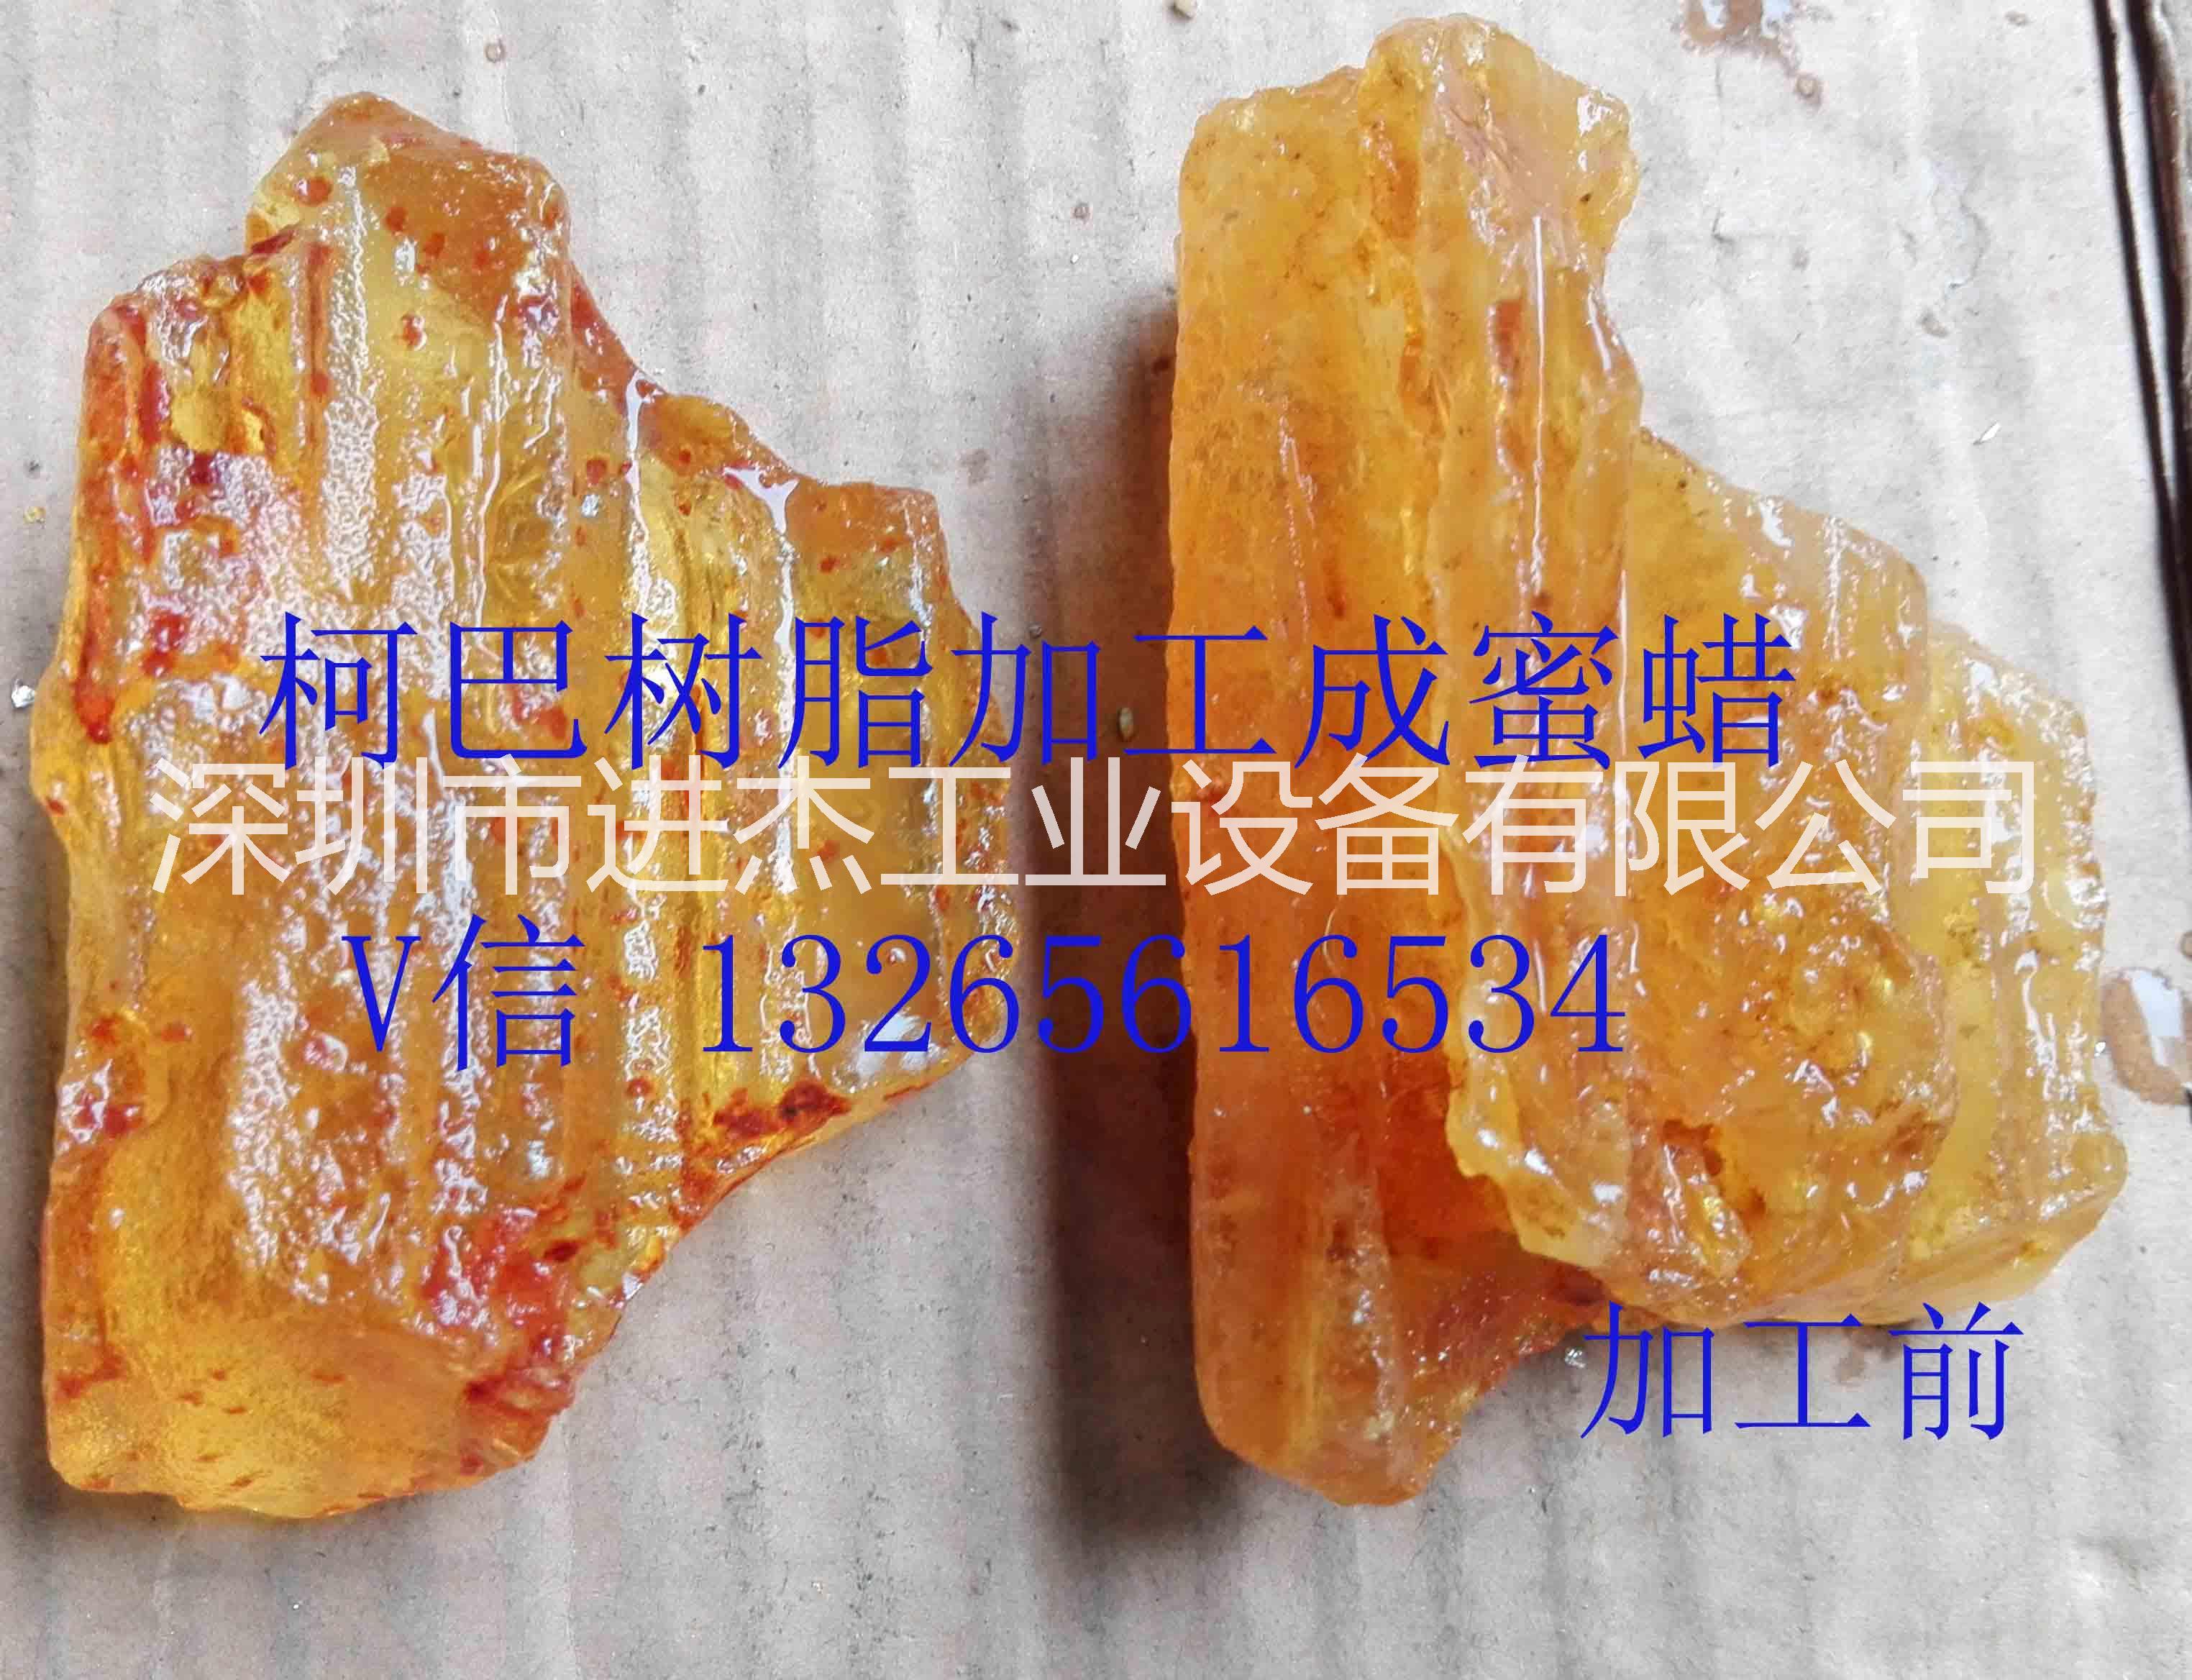 供应用于柯巴琥珀的柯巴加工蜜蜡